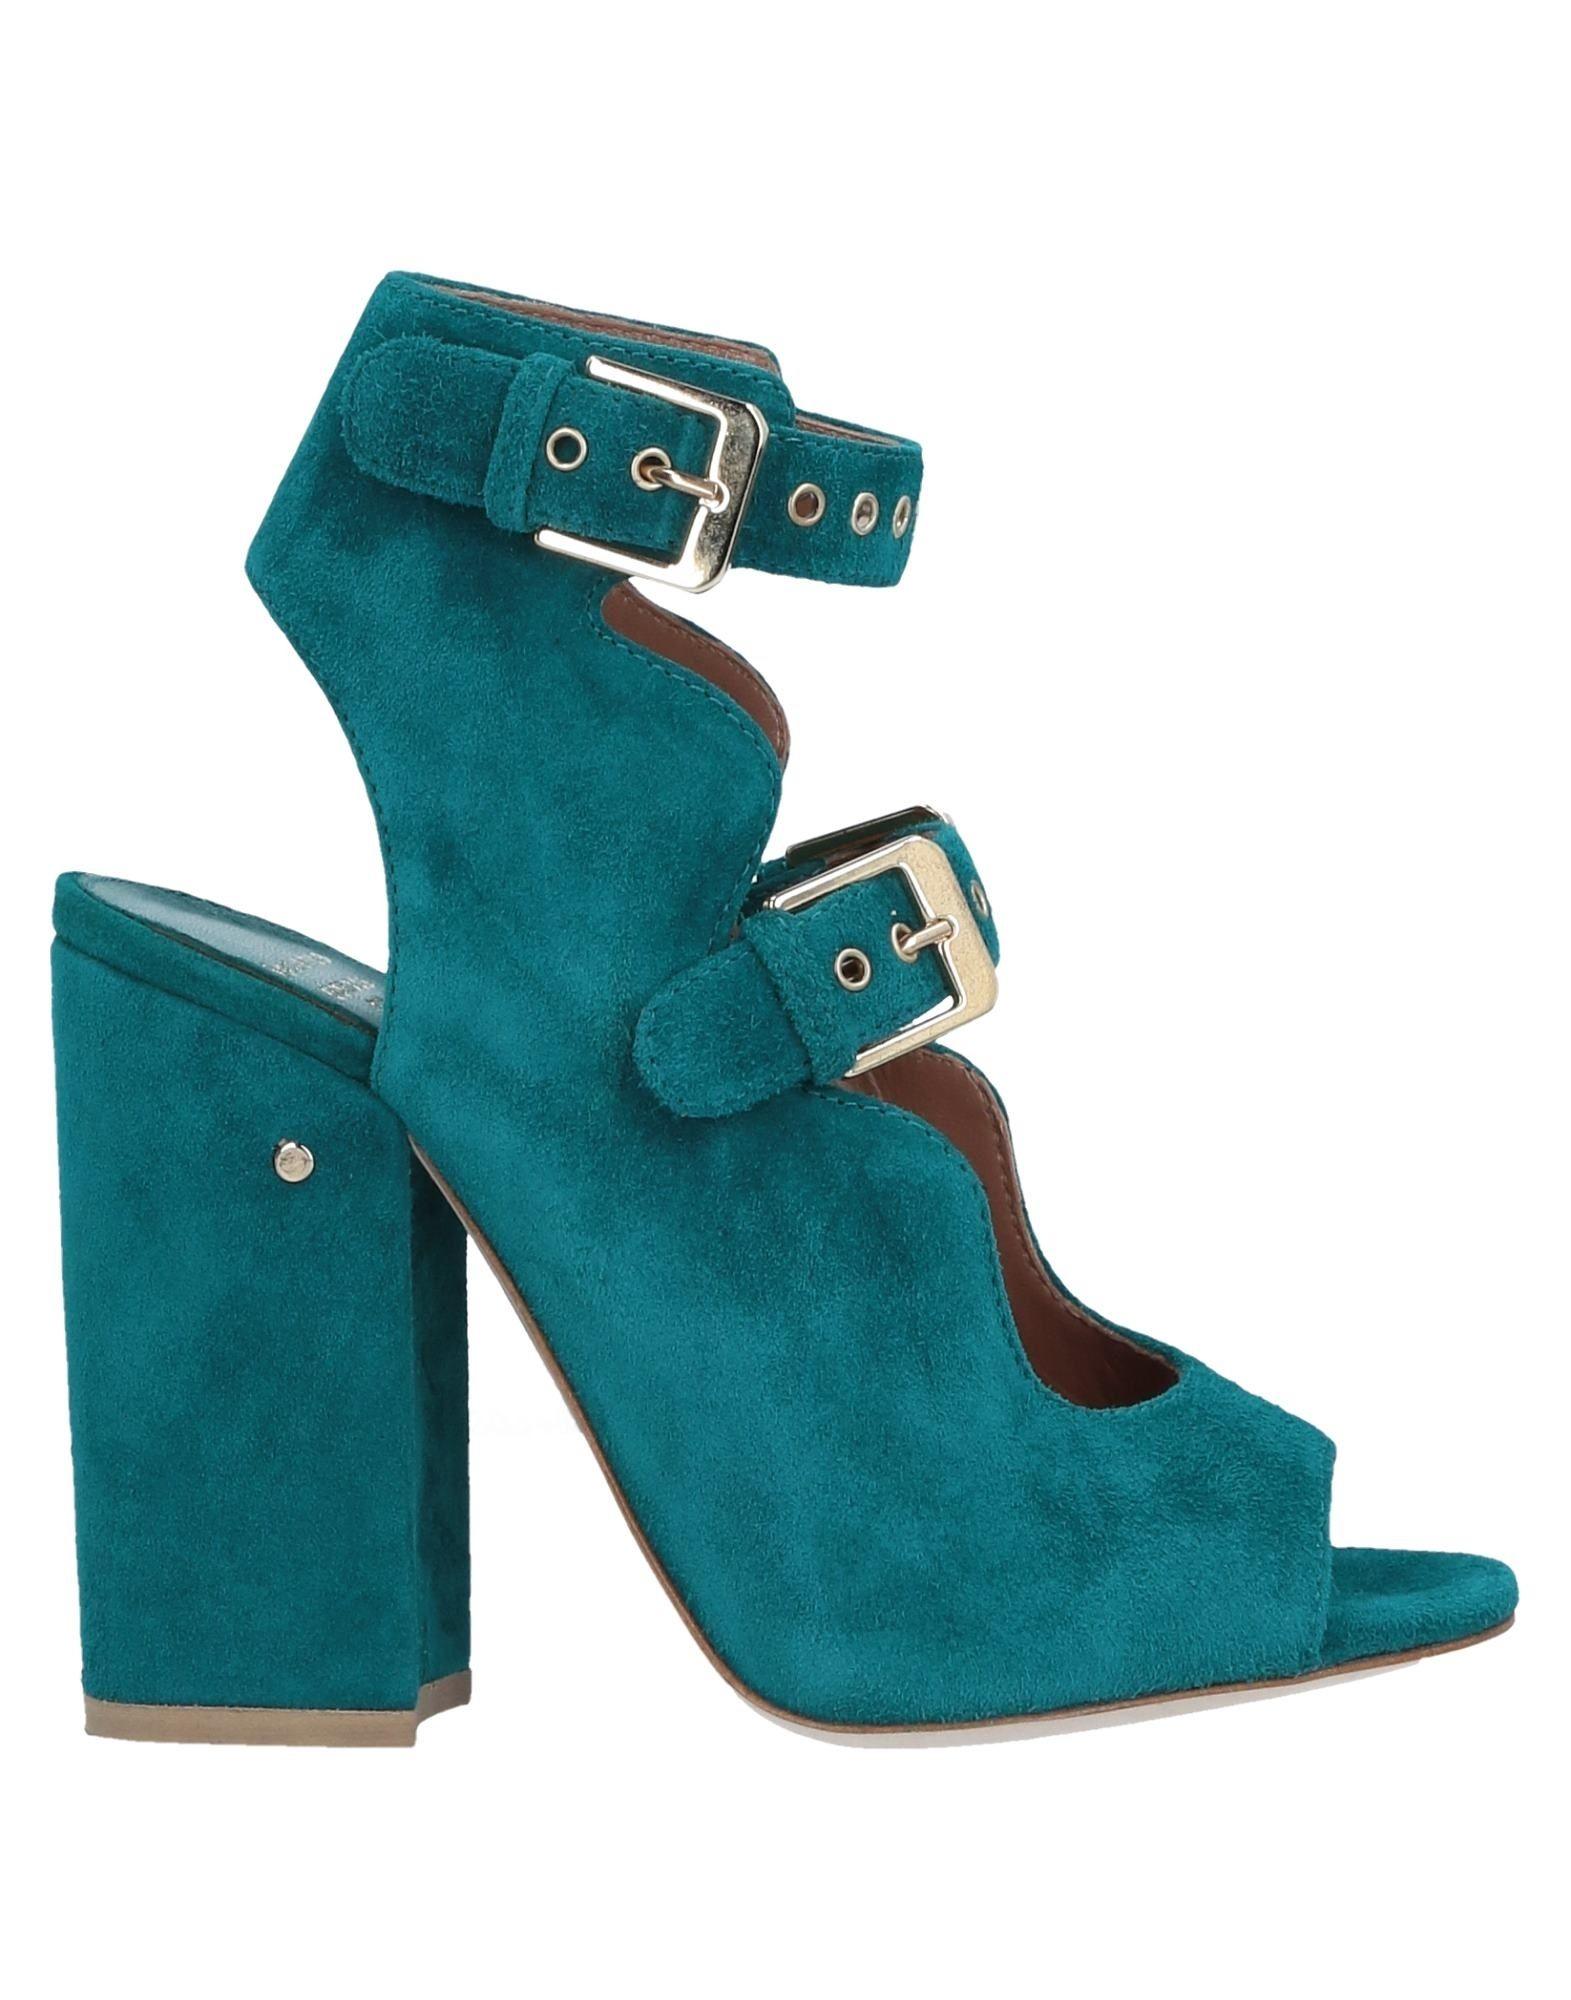 Laurence Dacade Dacade Sandals - Women Laurence Dacade Dacade Sandals online on  Australia - 11525441GP 613e9d